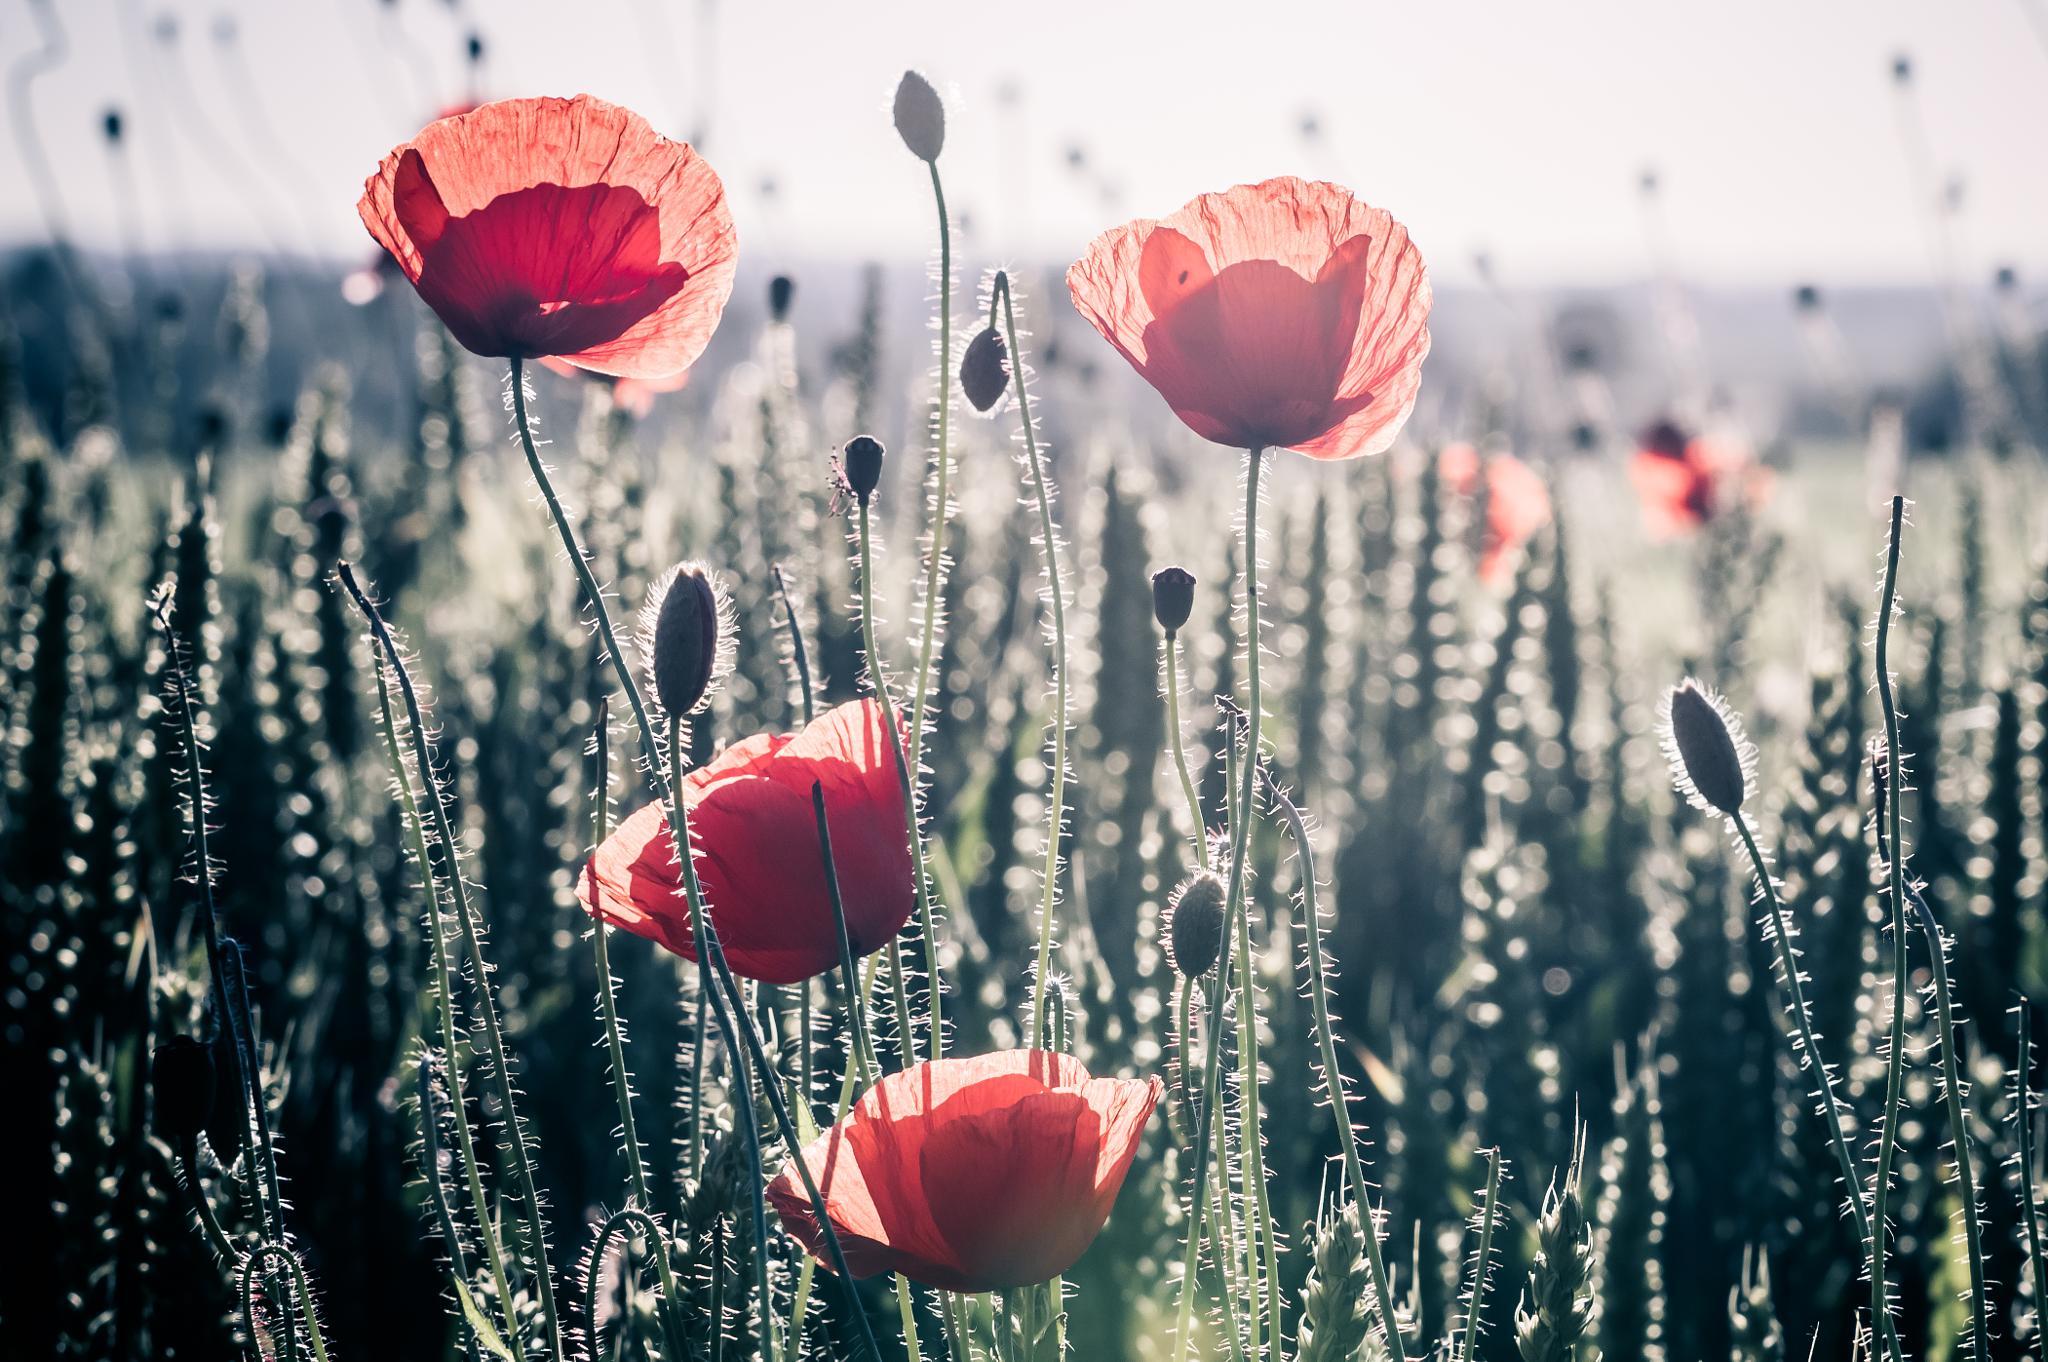 Poppies in wheat by Tomasz Kosidło